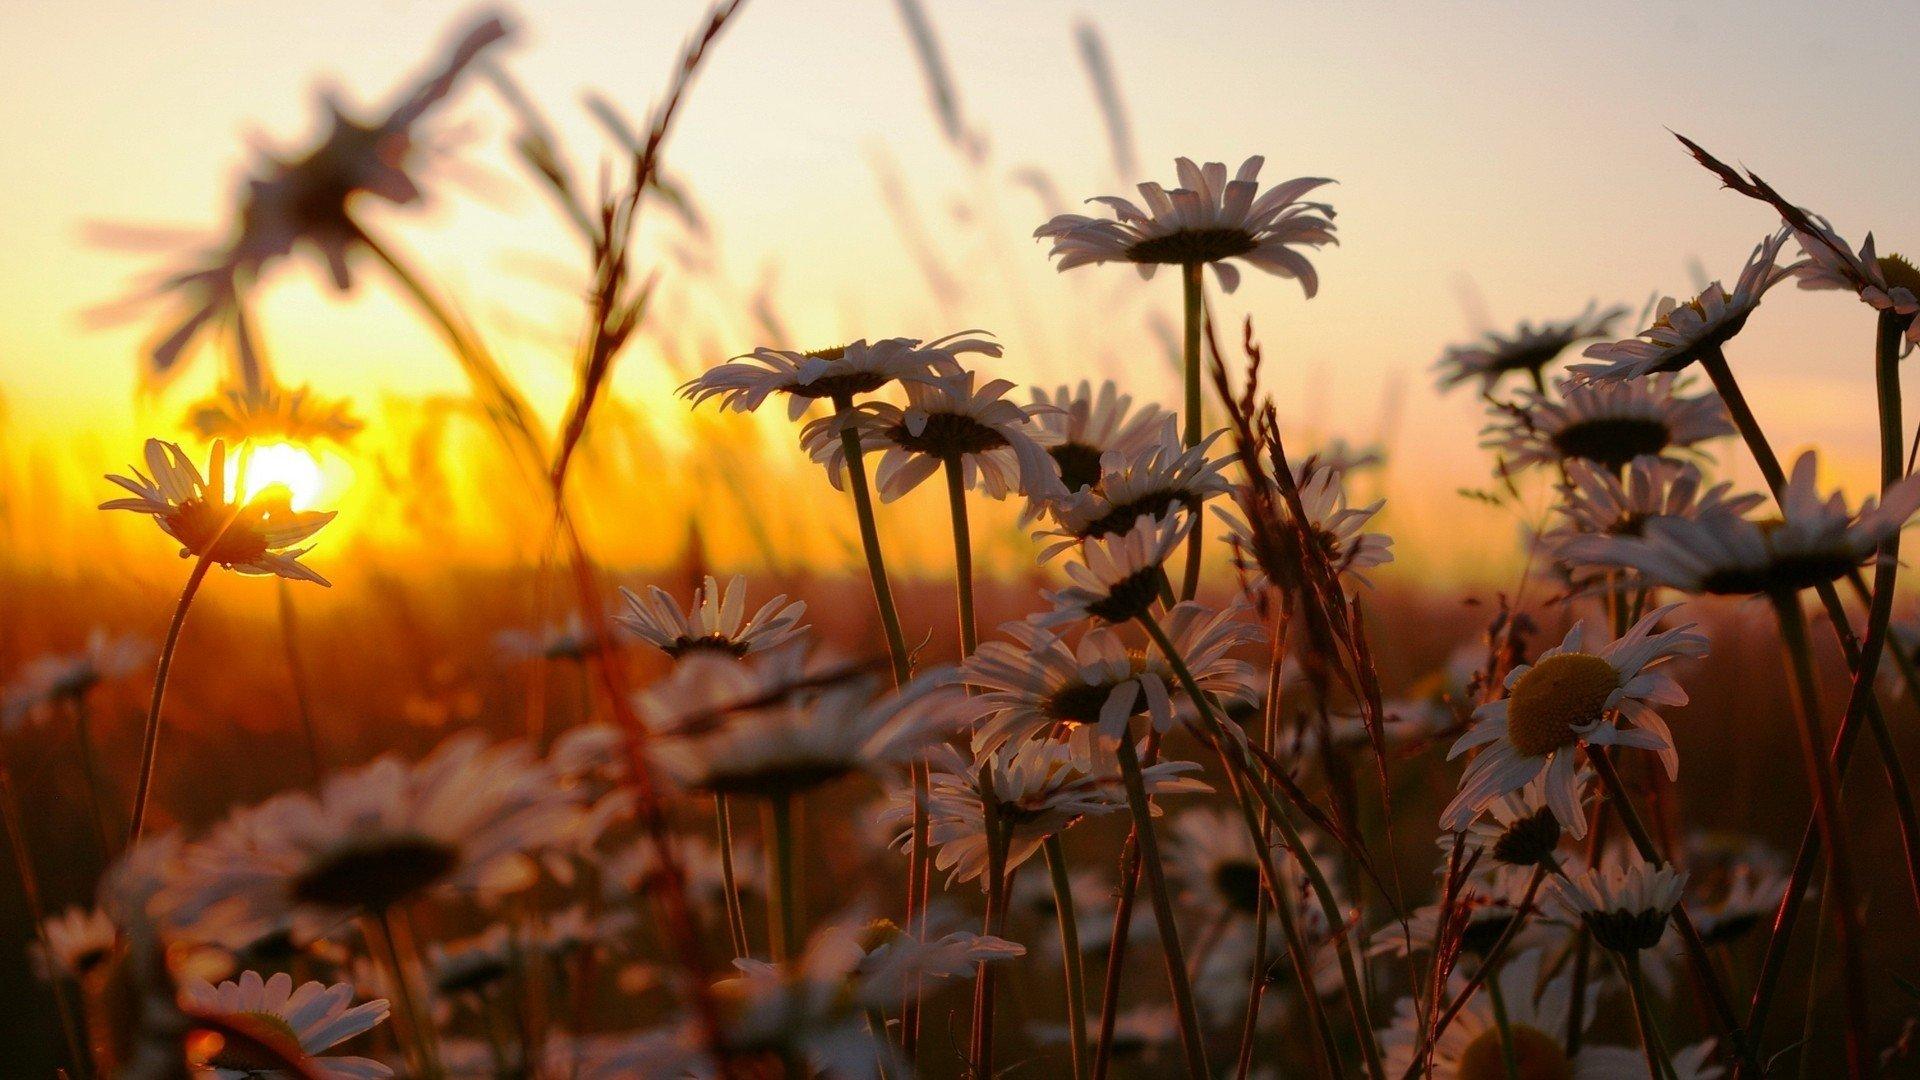 Картинки цветы на фоне заката, открытку